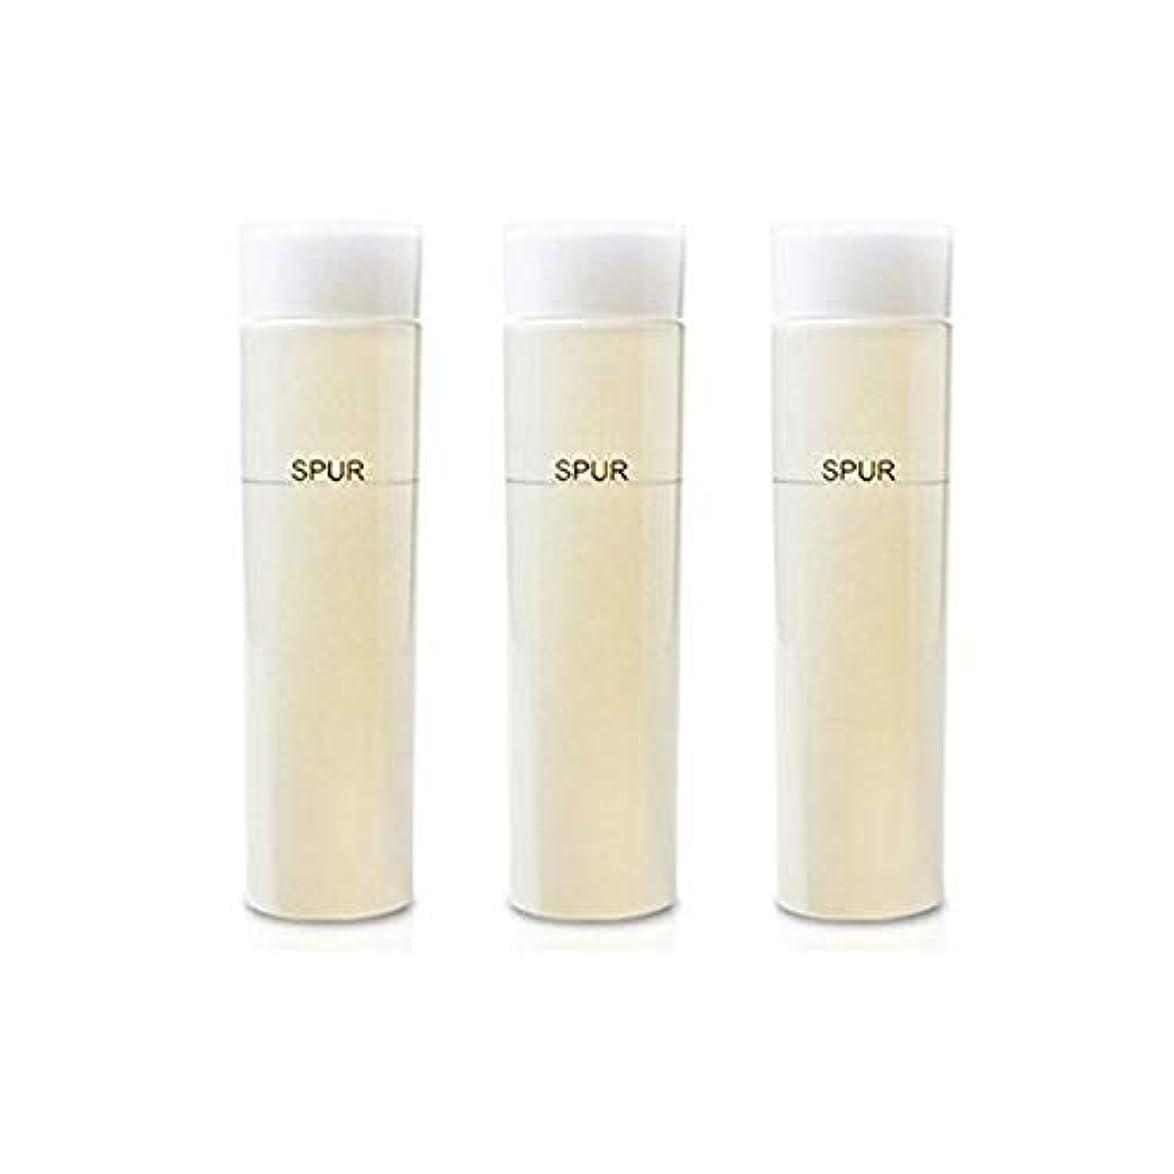 鉱夫乳白色サンプルハーブ研究所 山澤清 無添加クレンジングオイル(ふき取りタイプ)3本セット(180ml×3本) 無添加ふき取りクレンジング